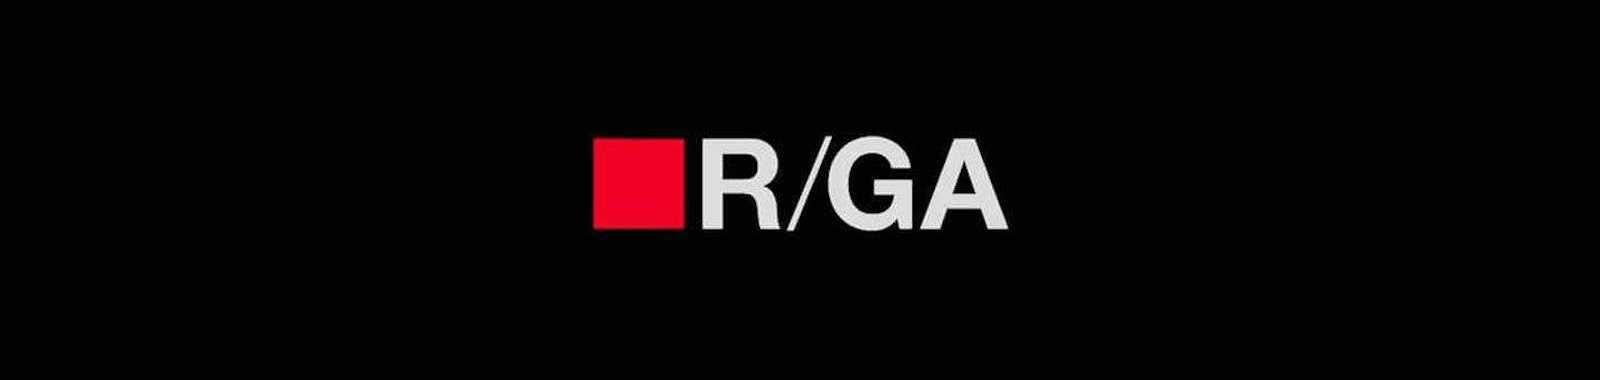 RGA-eye